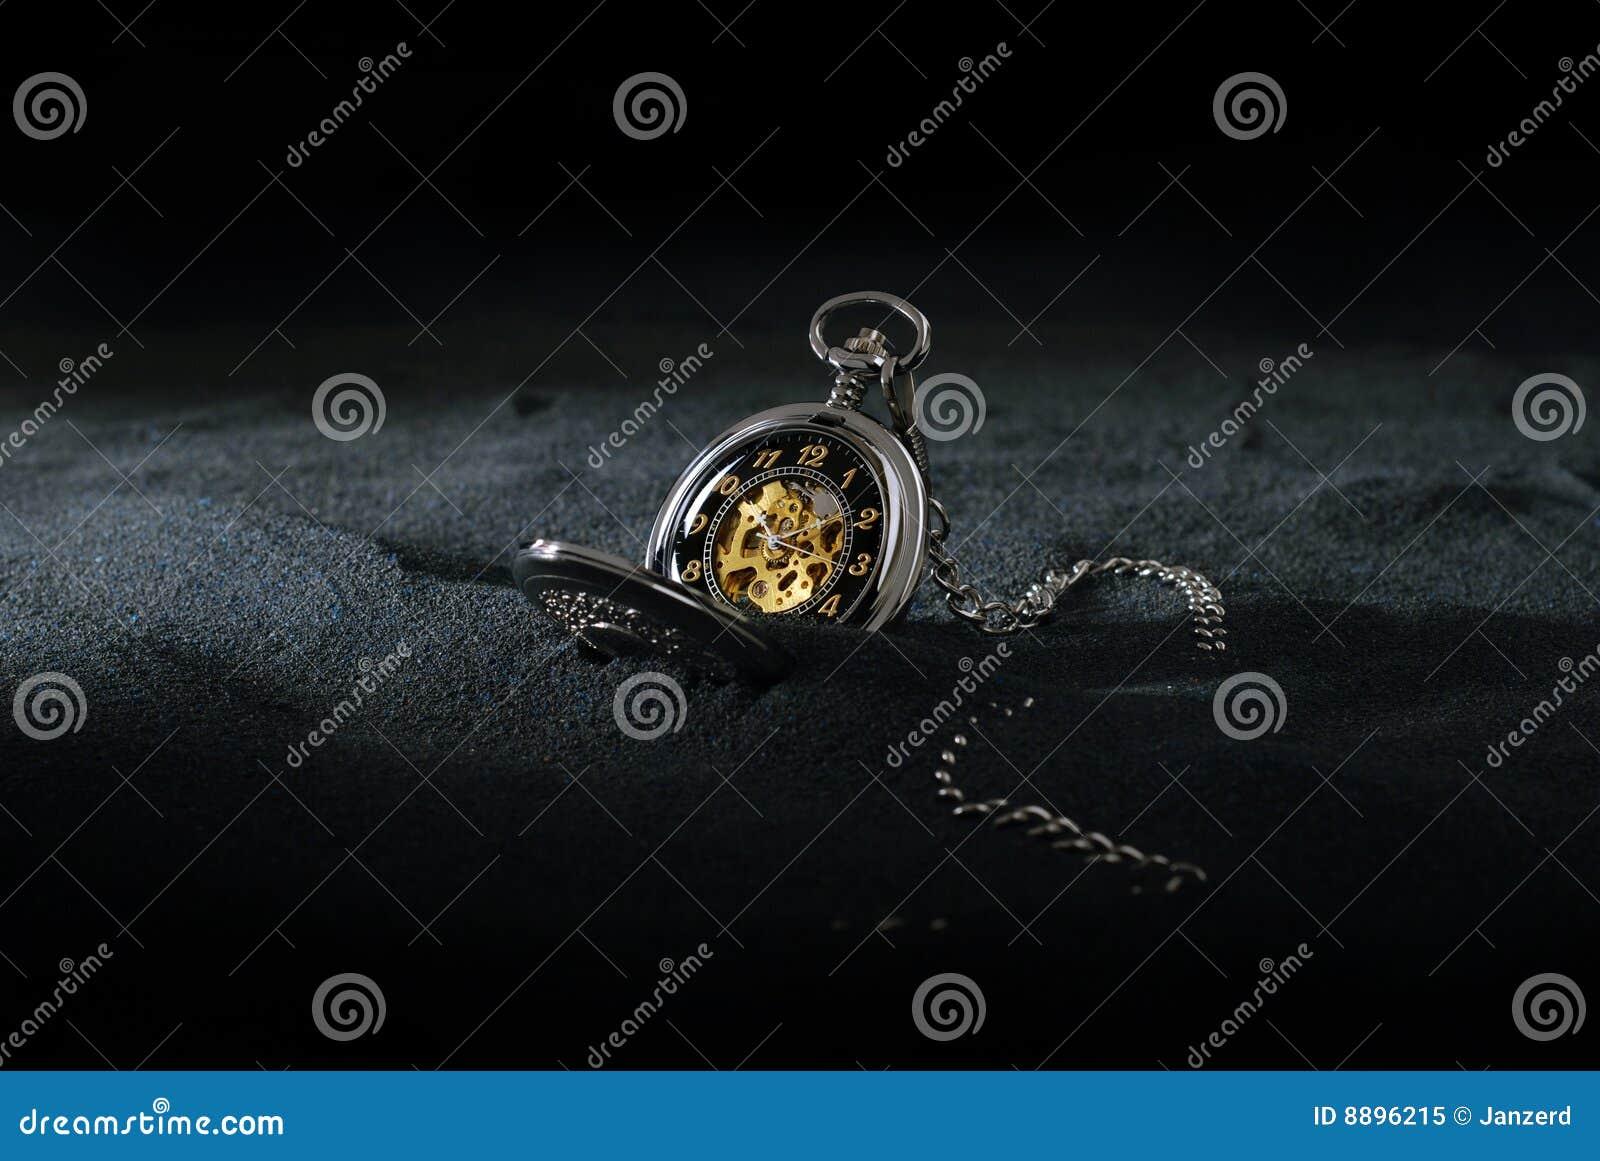 Relógio de bolso na areia